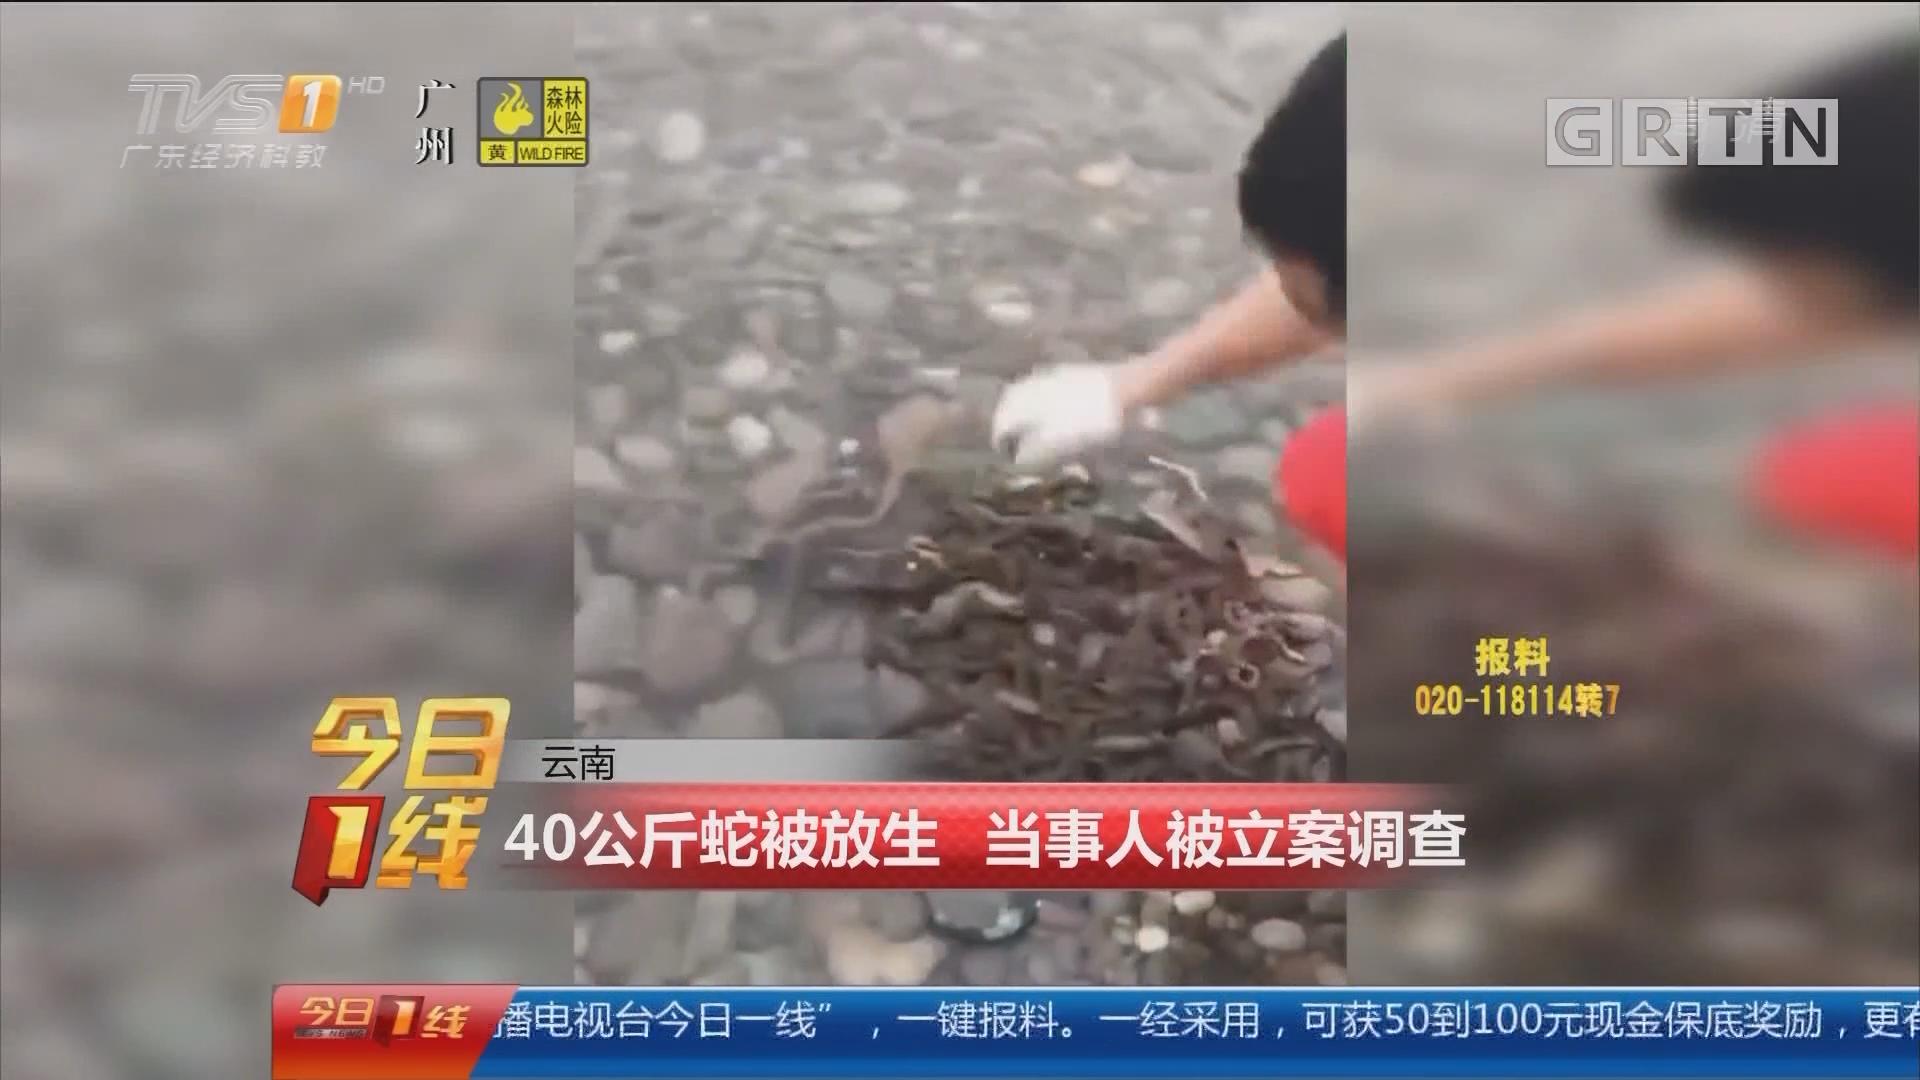 云南:40公斤蛇被放生 当事人被立案调查